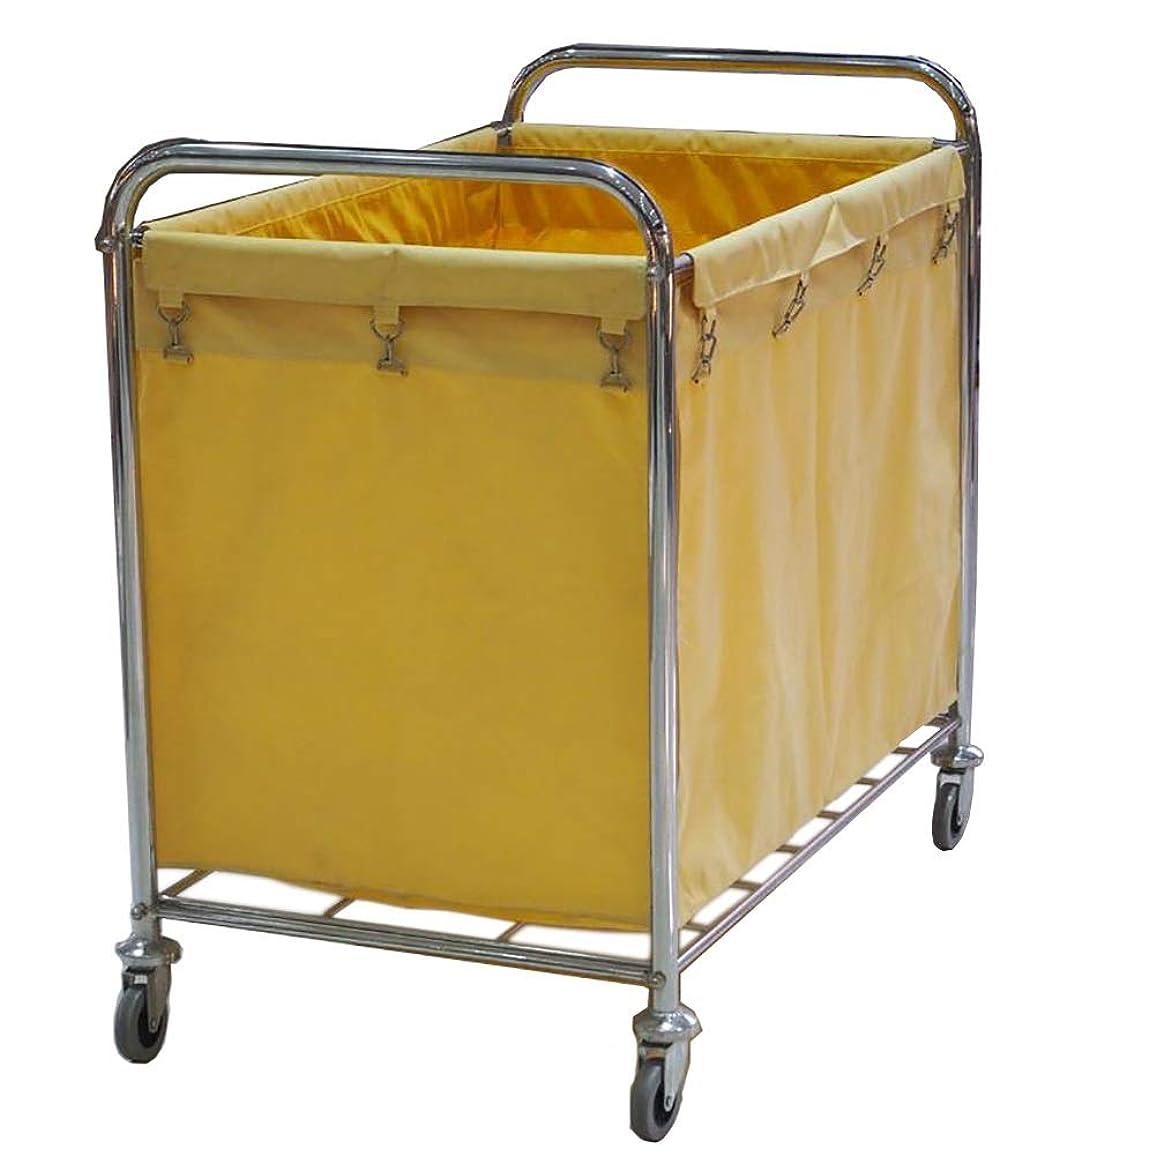 スプーン生産的世界的にヘビーデューティランドリーソーターカート、ユーティリティカートトロリー、サイレントローリングランドリーソーターカートリネン車バッグ付き (Color : Yellow)